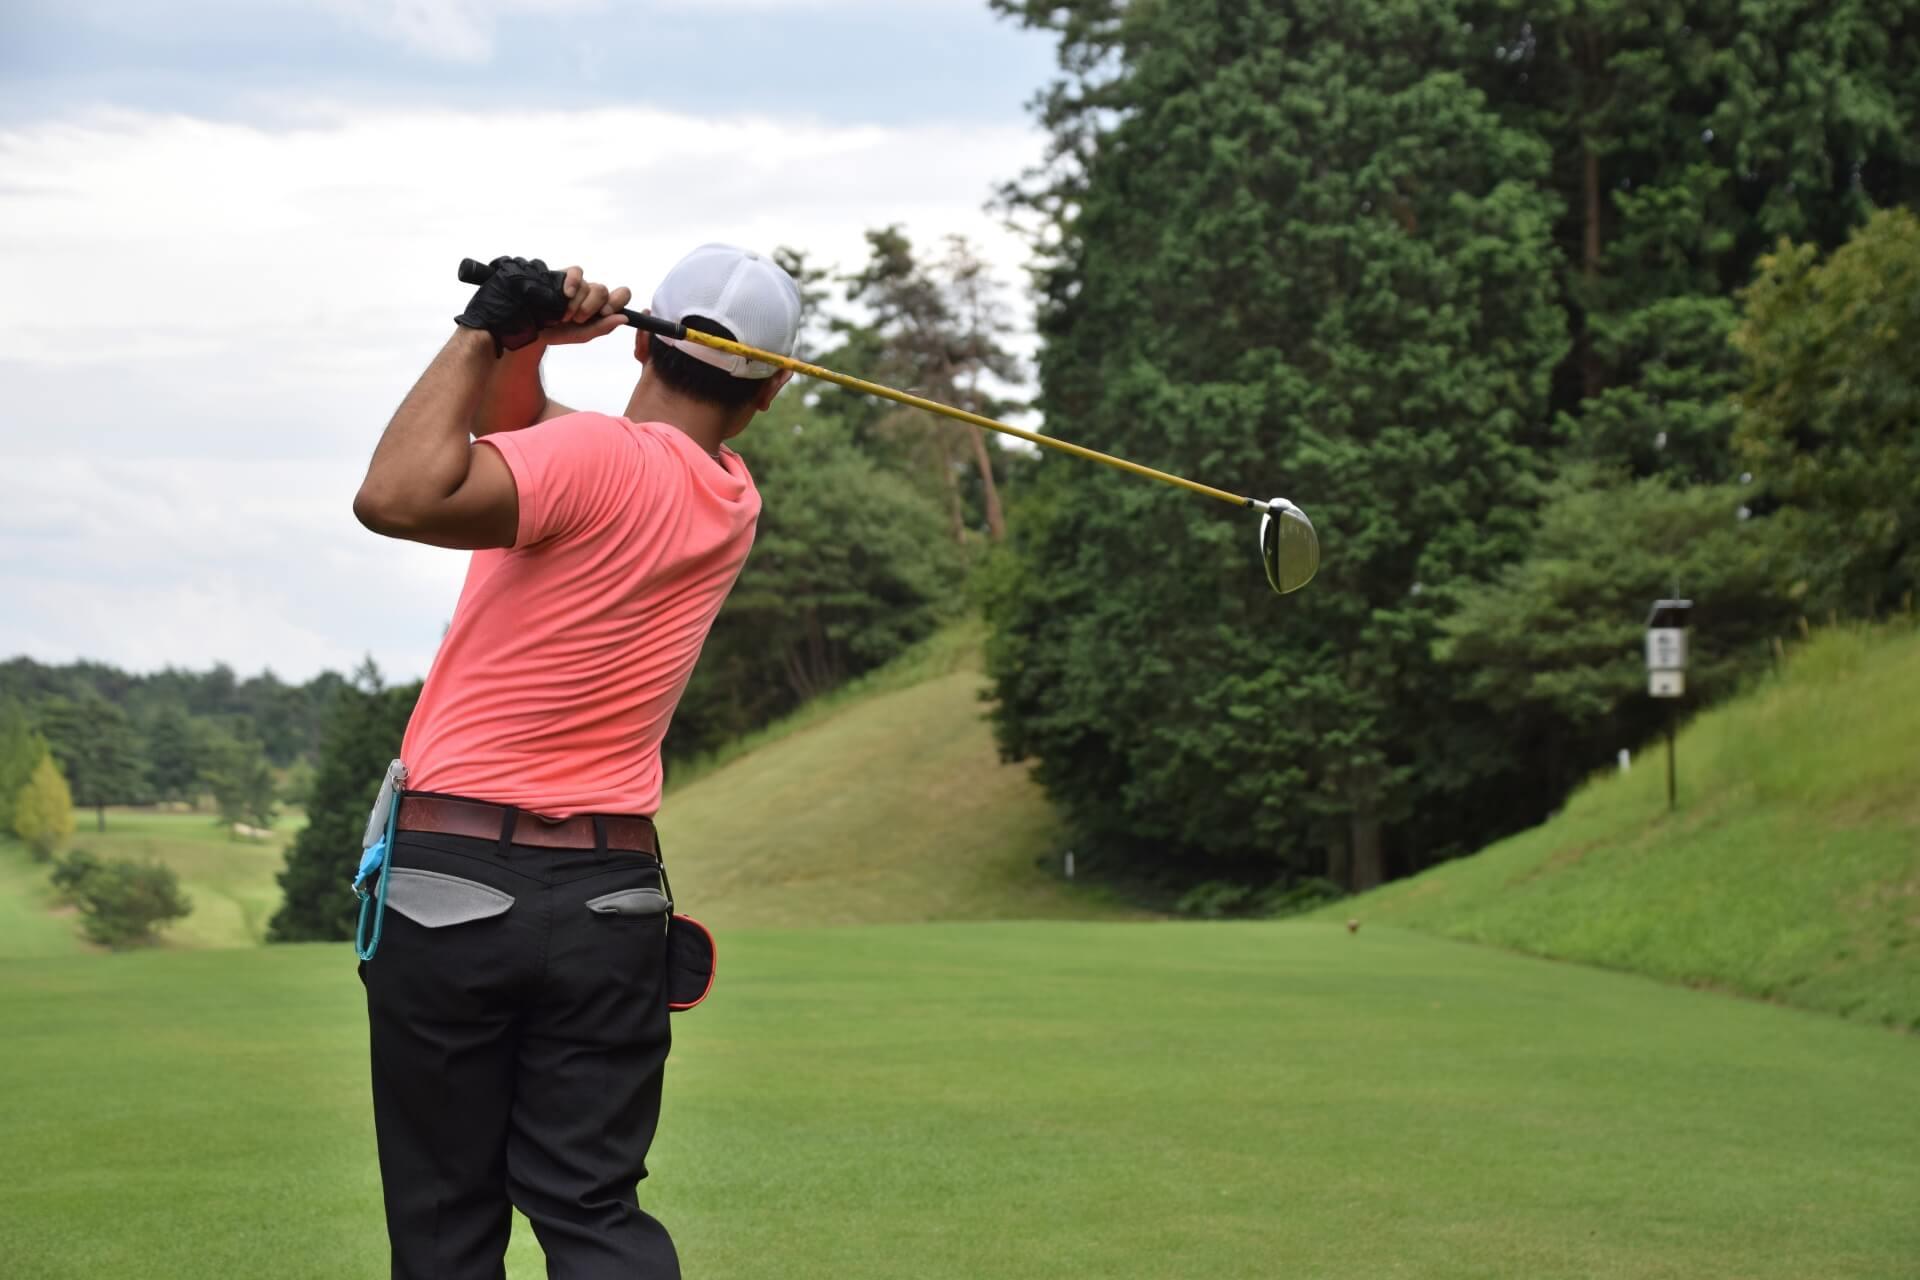 ゴルフのスイングする男性